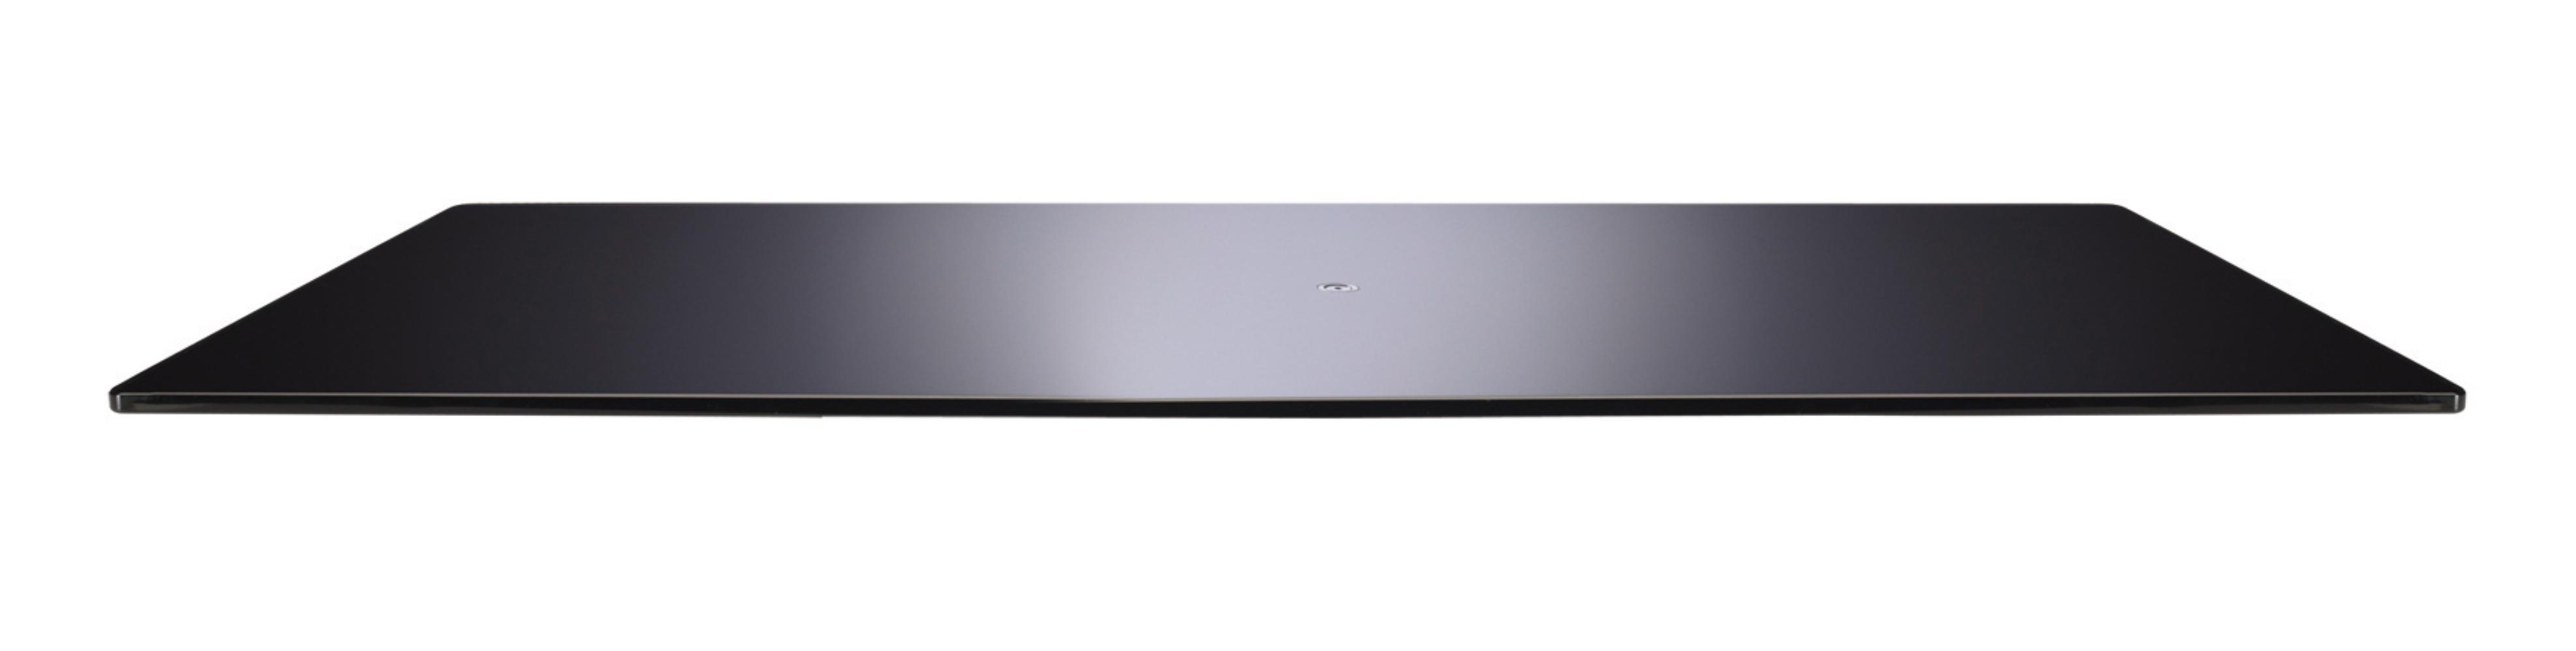 Meliconi 469105bb confronta i prezzi e offerte online - Mobili porta tv meliconi ...